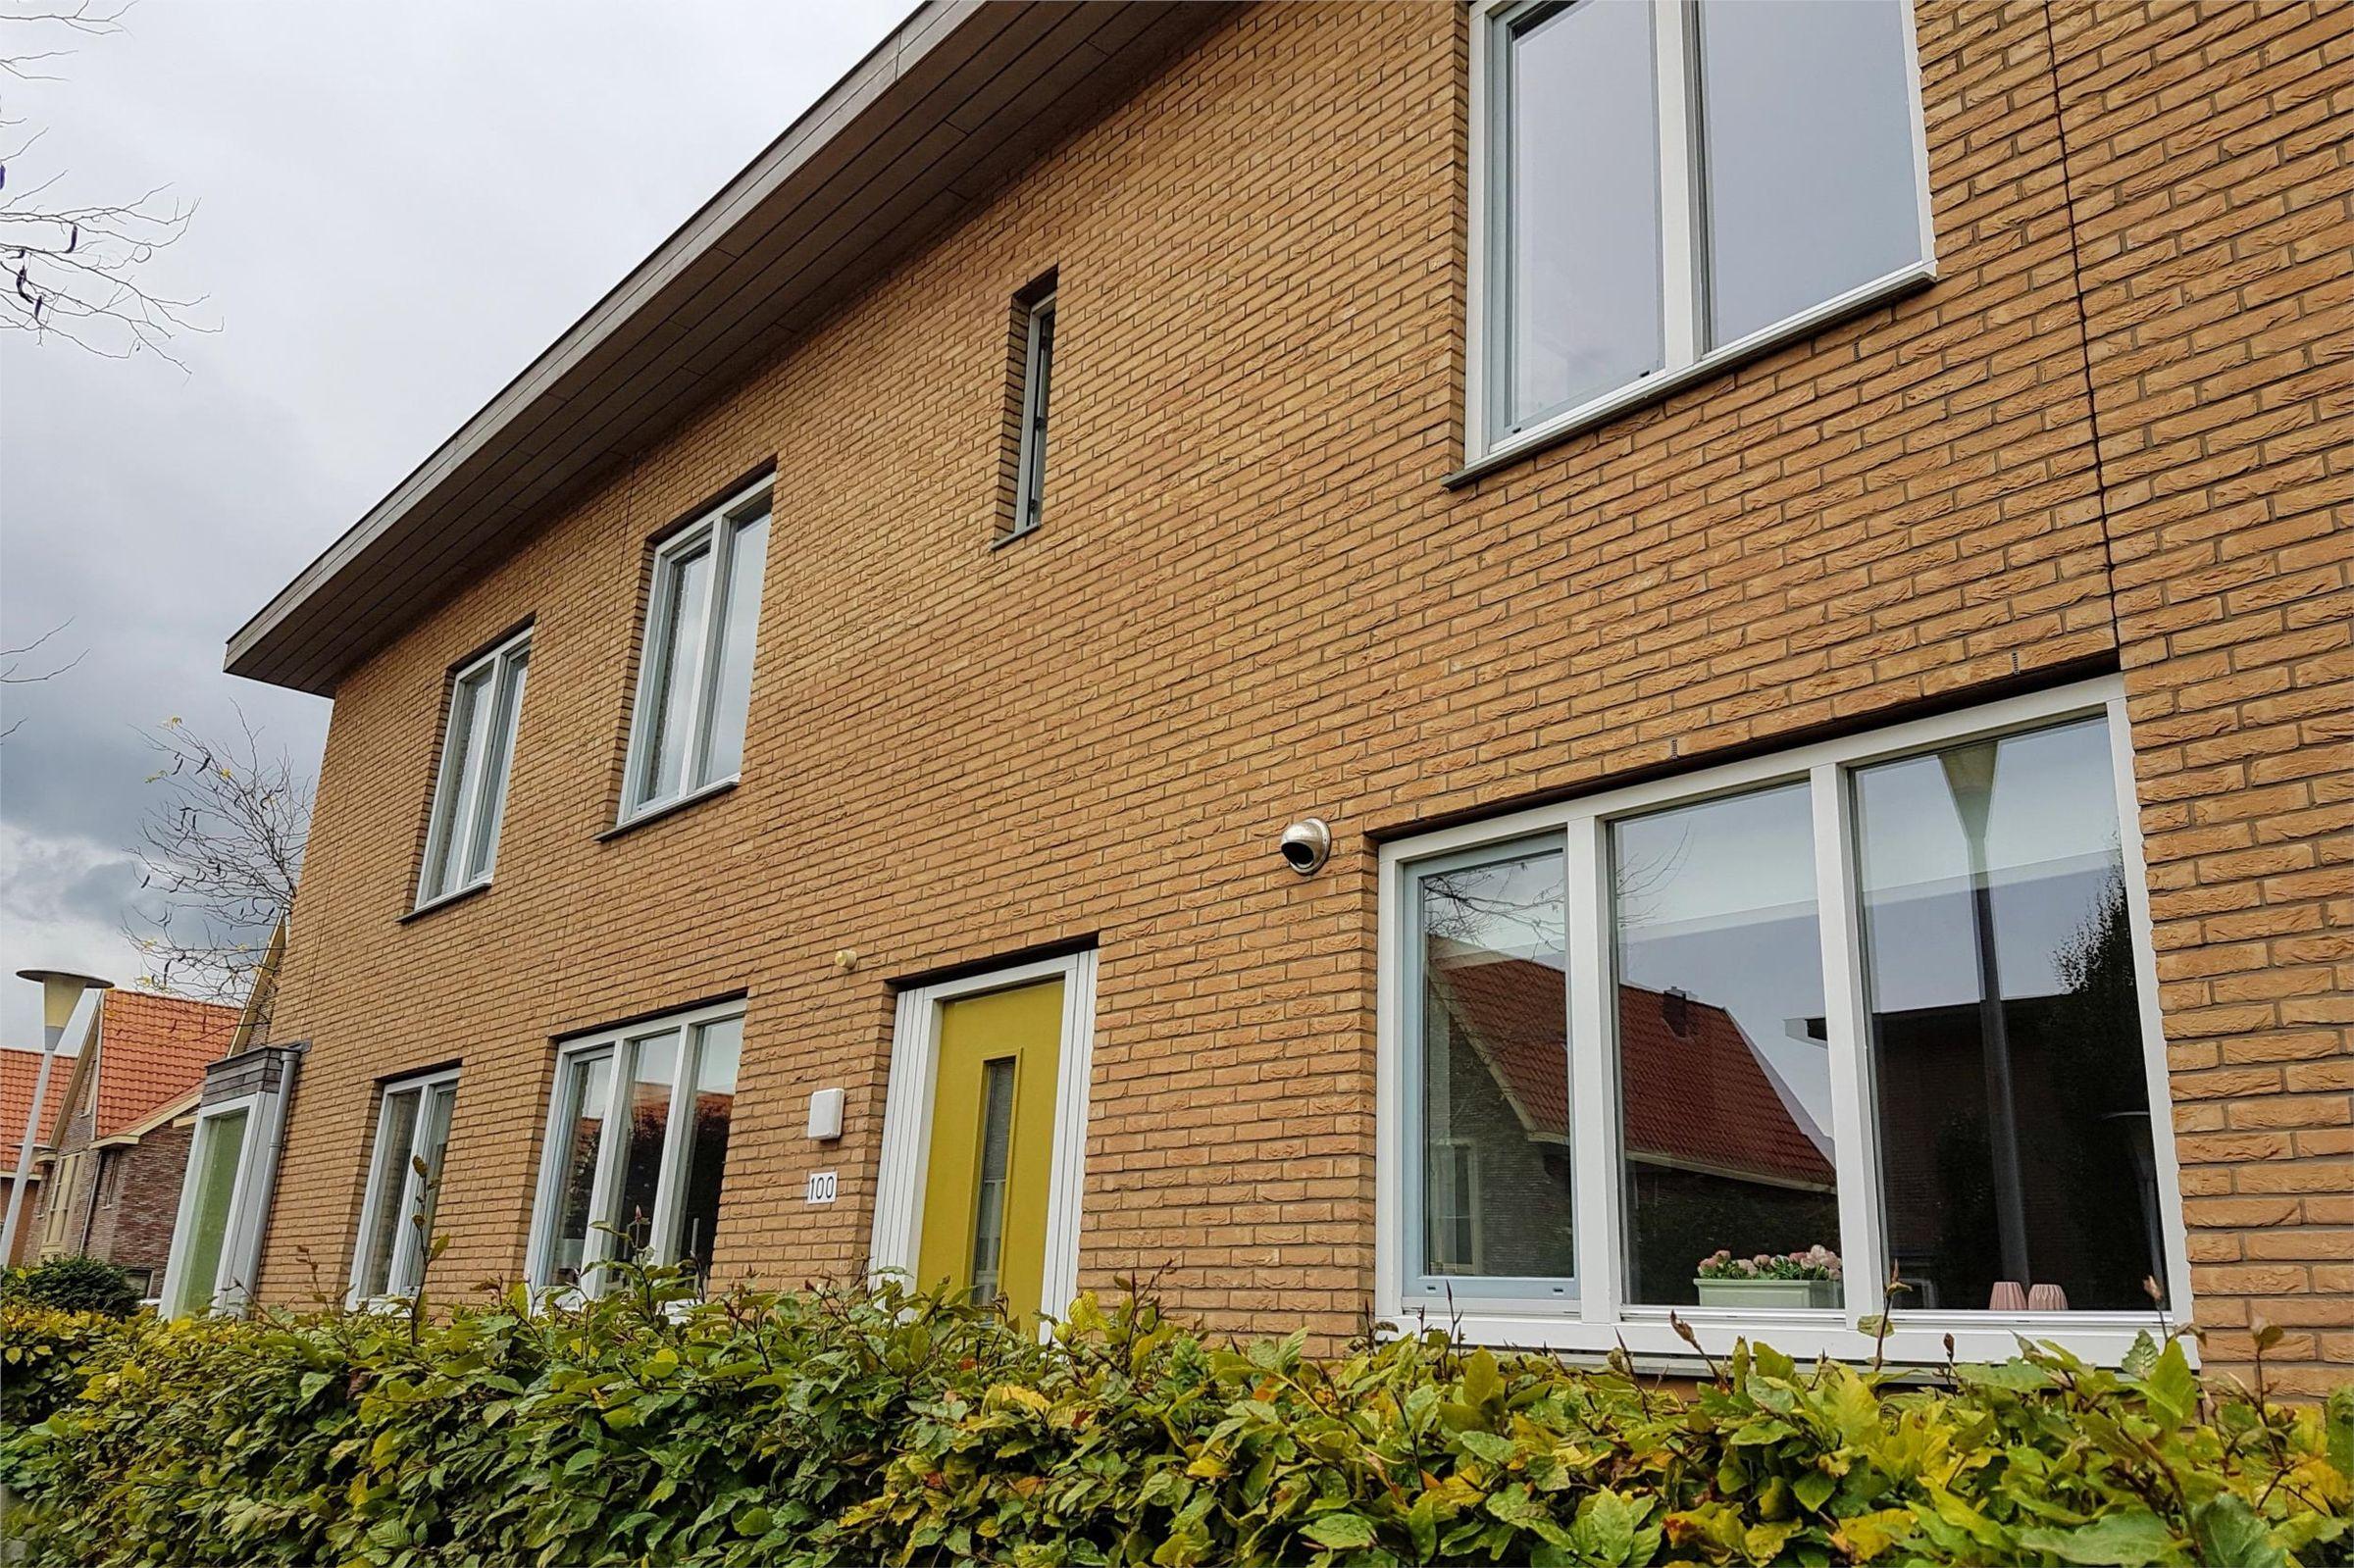 Tiendschuurstraat 100, Zwolle